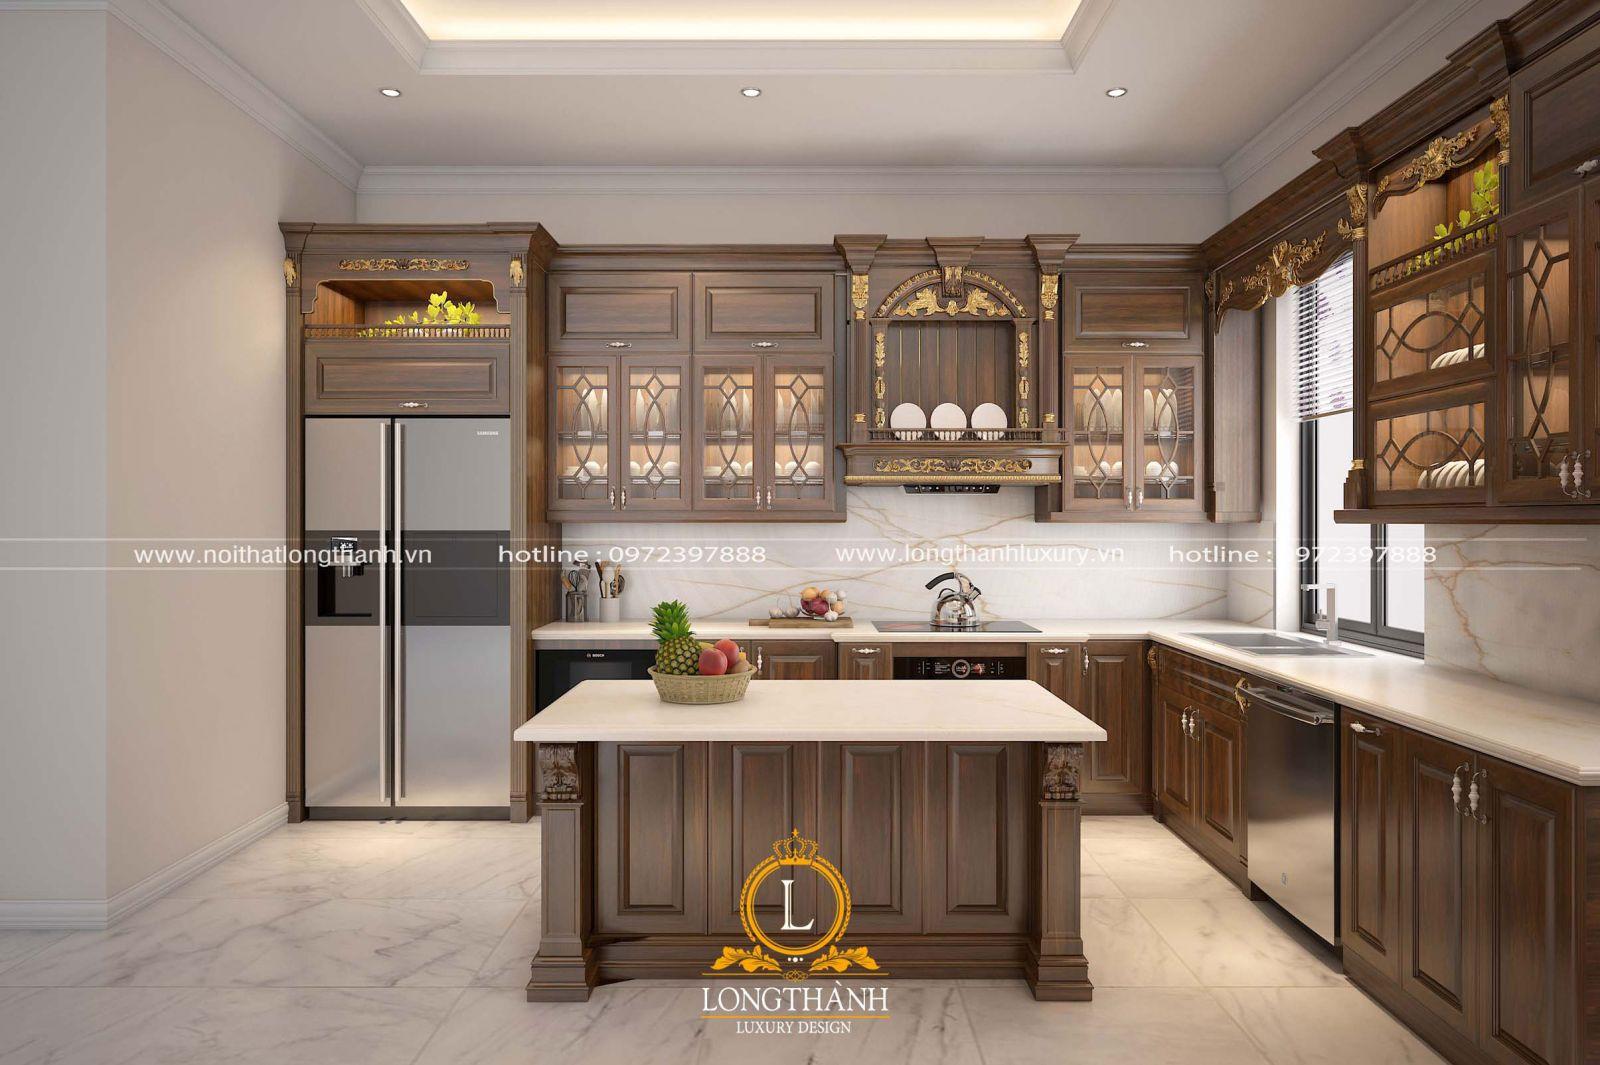 Mẫu tủ bếp với điểm nhấn là hoa văn dát vàng